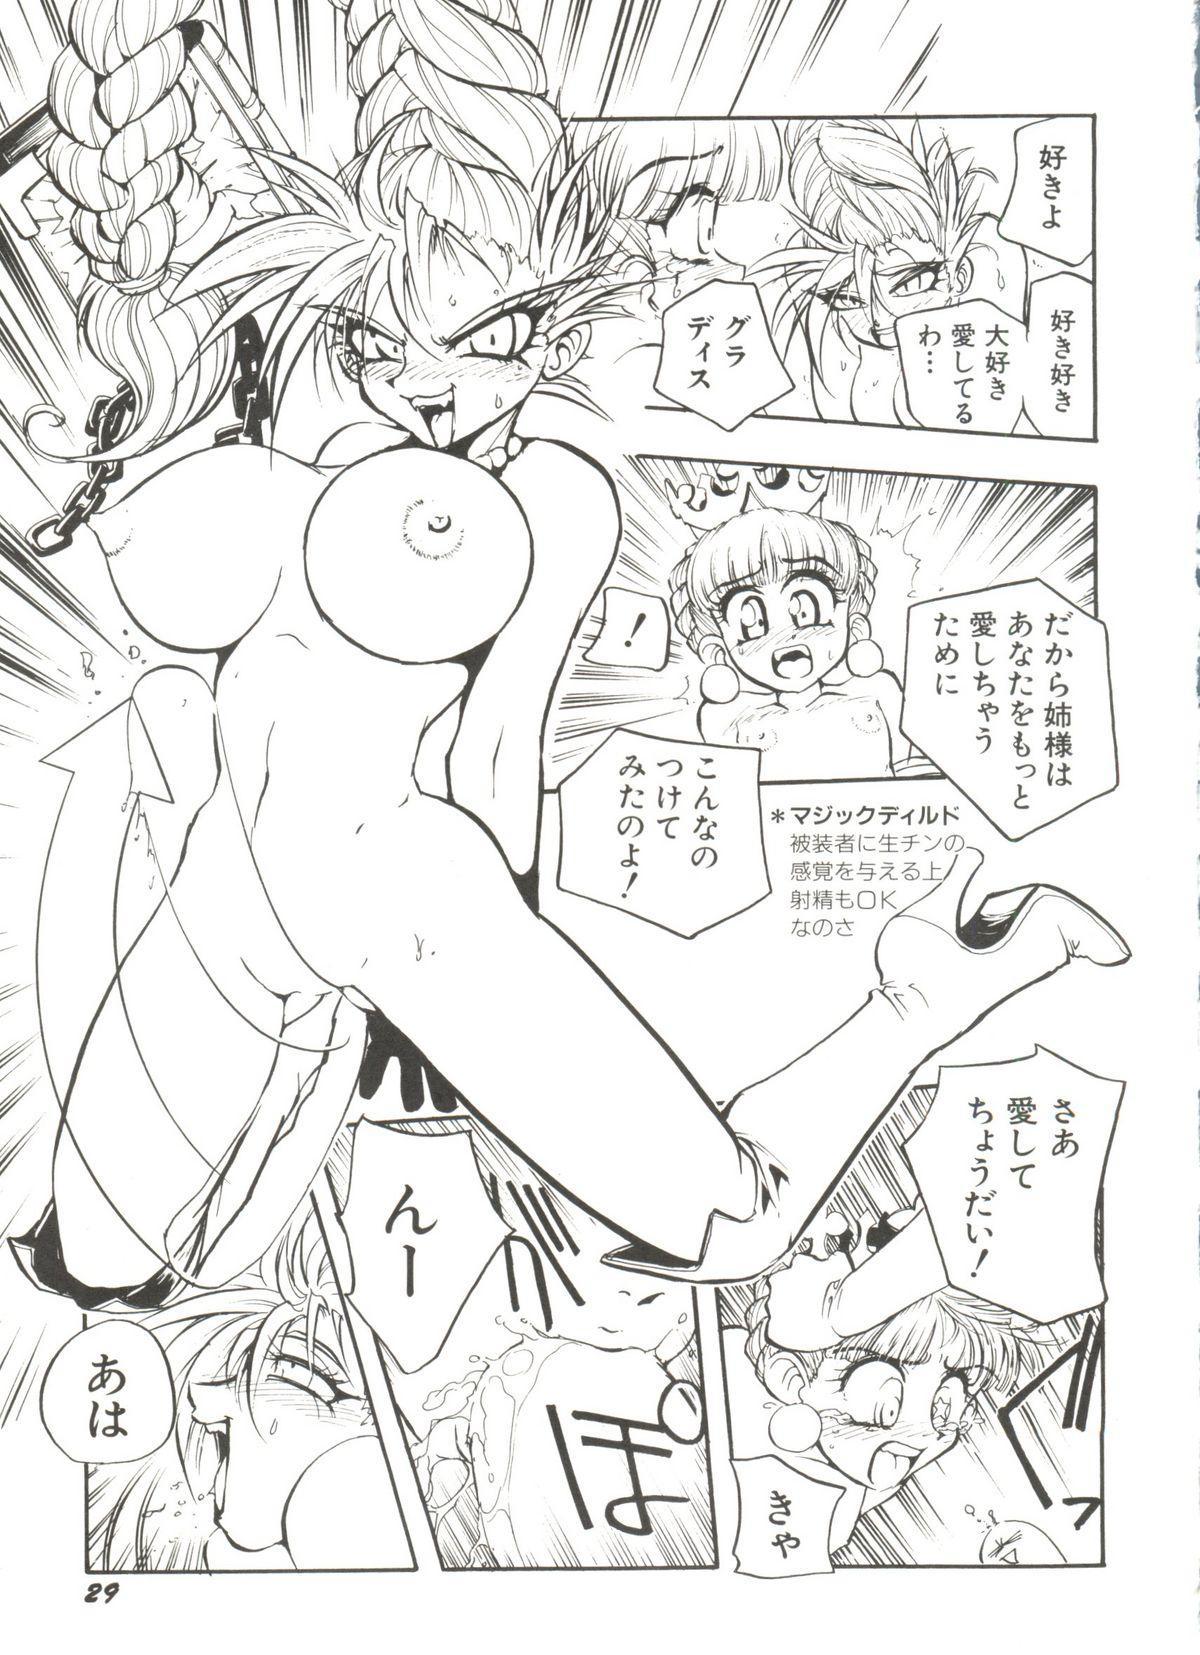 Denei Tamate Bako Bishoujo Doujinshi Anthology Vol. 2 - Nishinhou no Tenshi 32